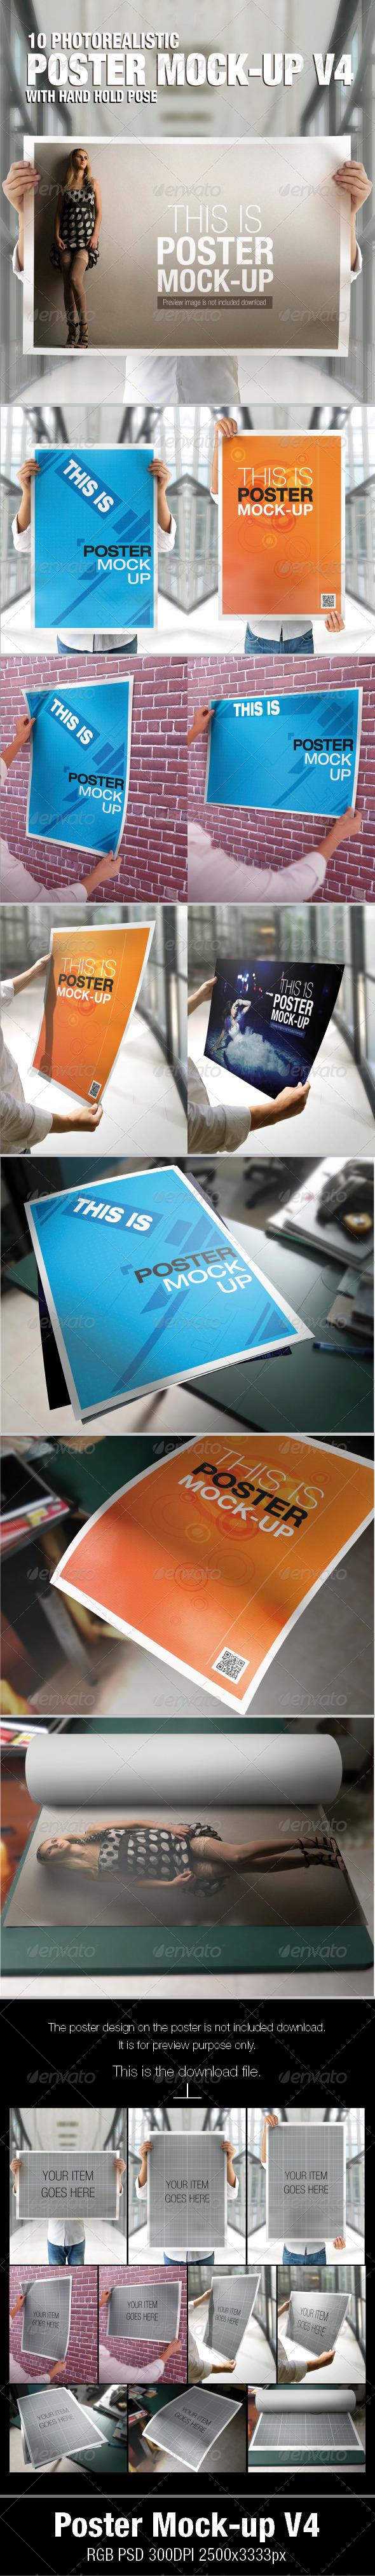 GraphicRiver Poster mock-up V4 5107575